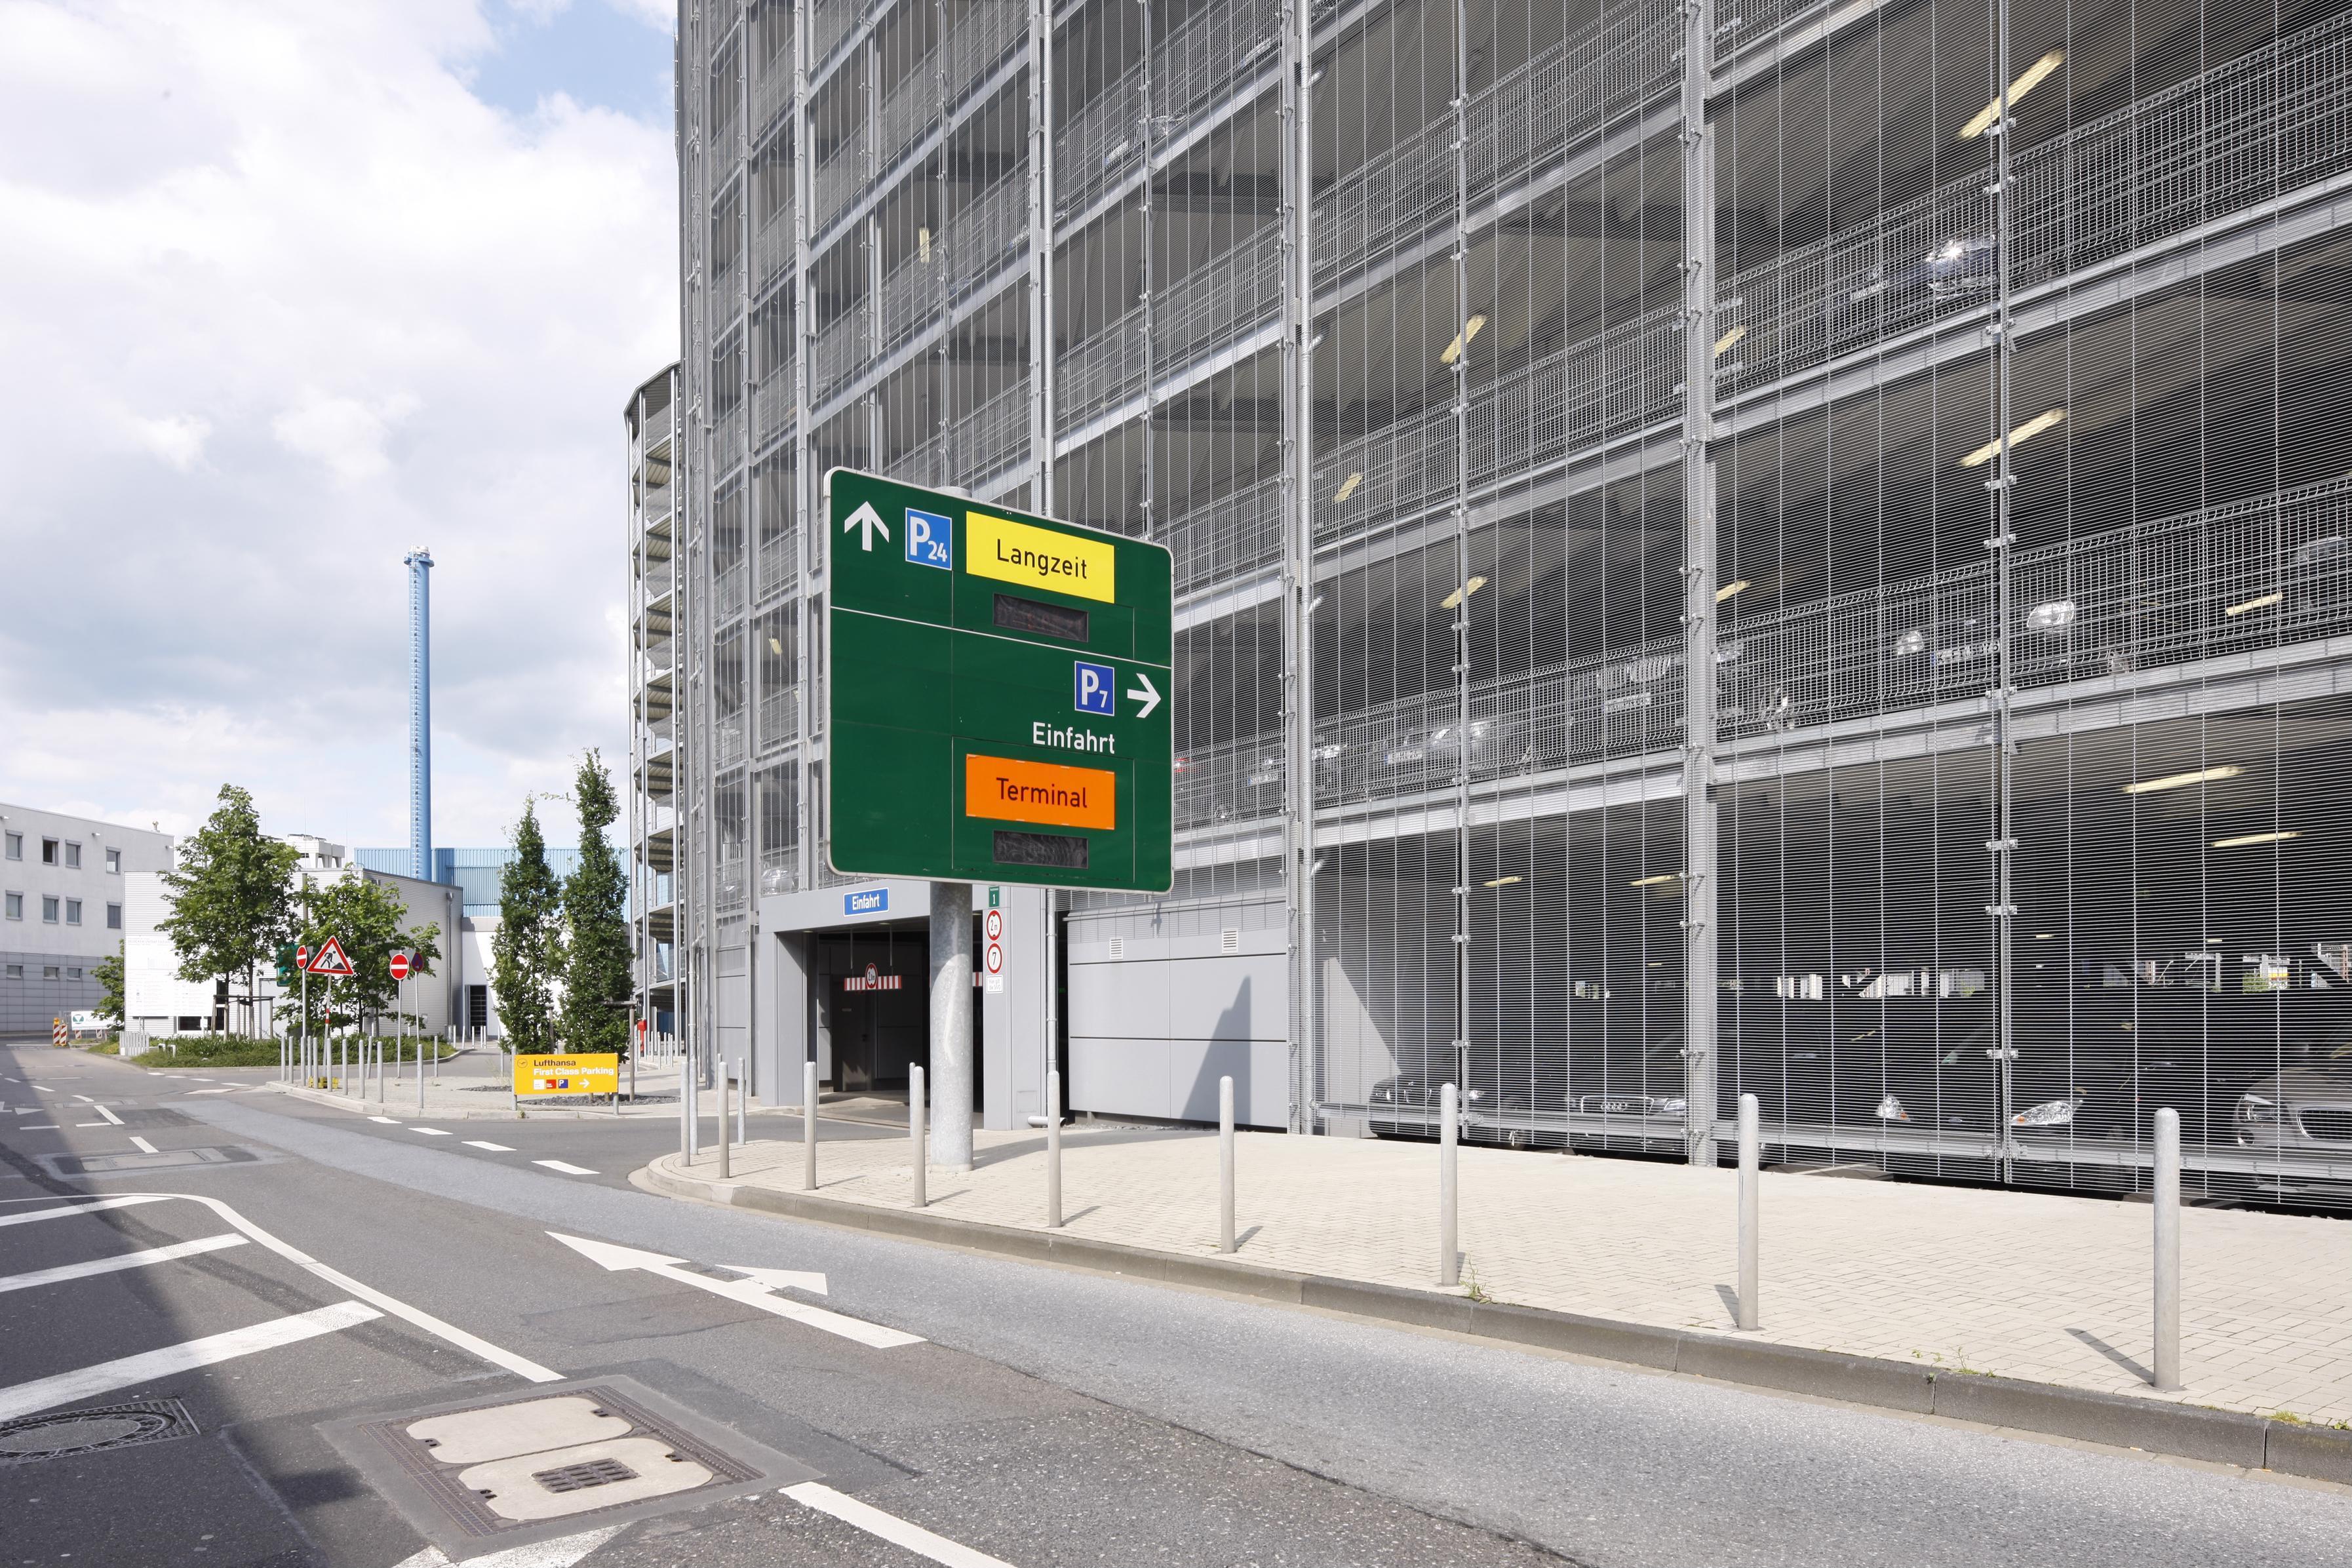 parken in d sseldorf flughafen p7 apcoa parking. Black Bedroom Furniture Sets. Home Design Ideas